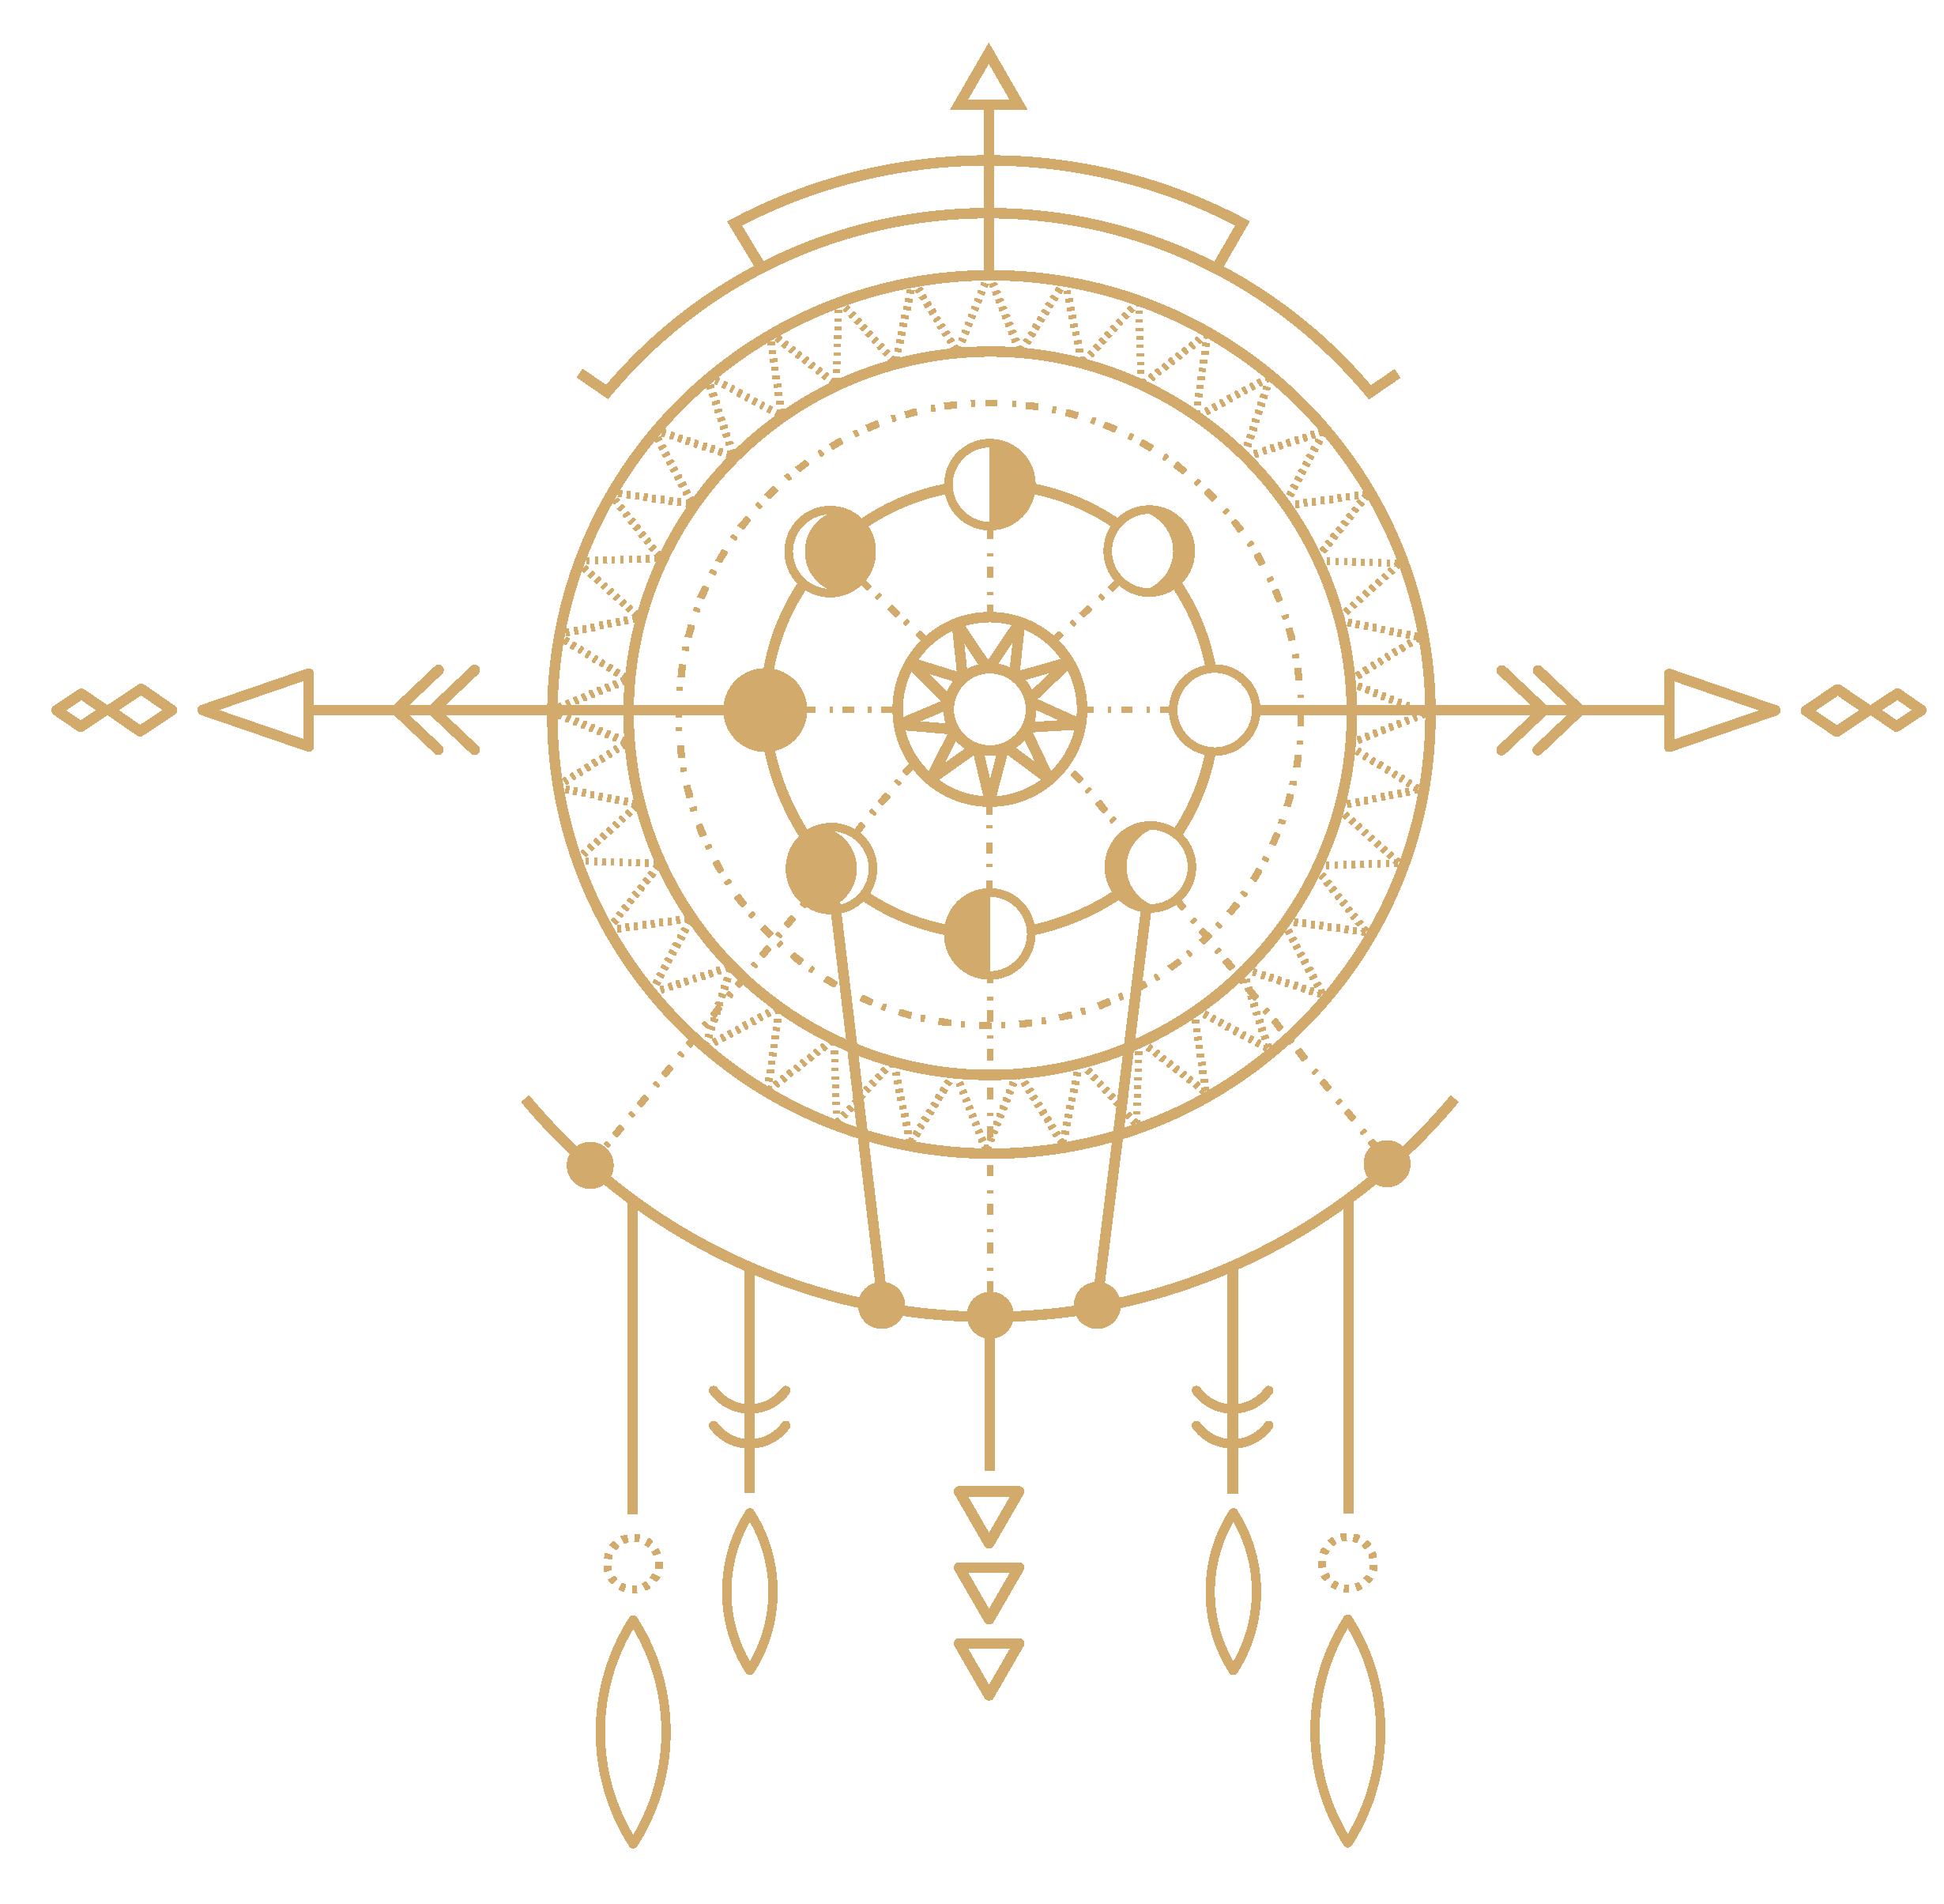 Tribal Shaman-Mandalas-by-Skybox-Creative-07.png